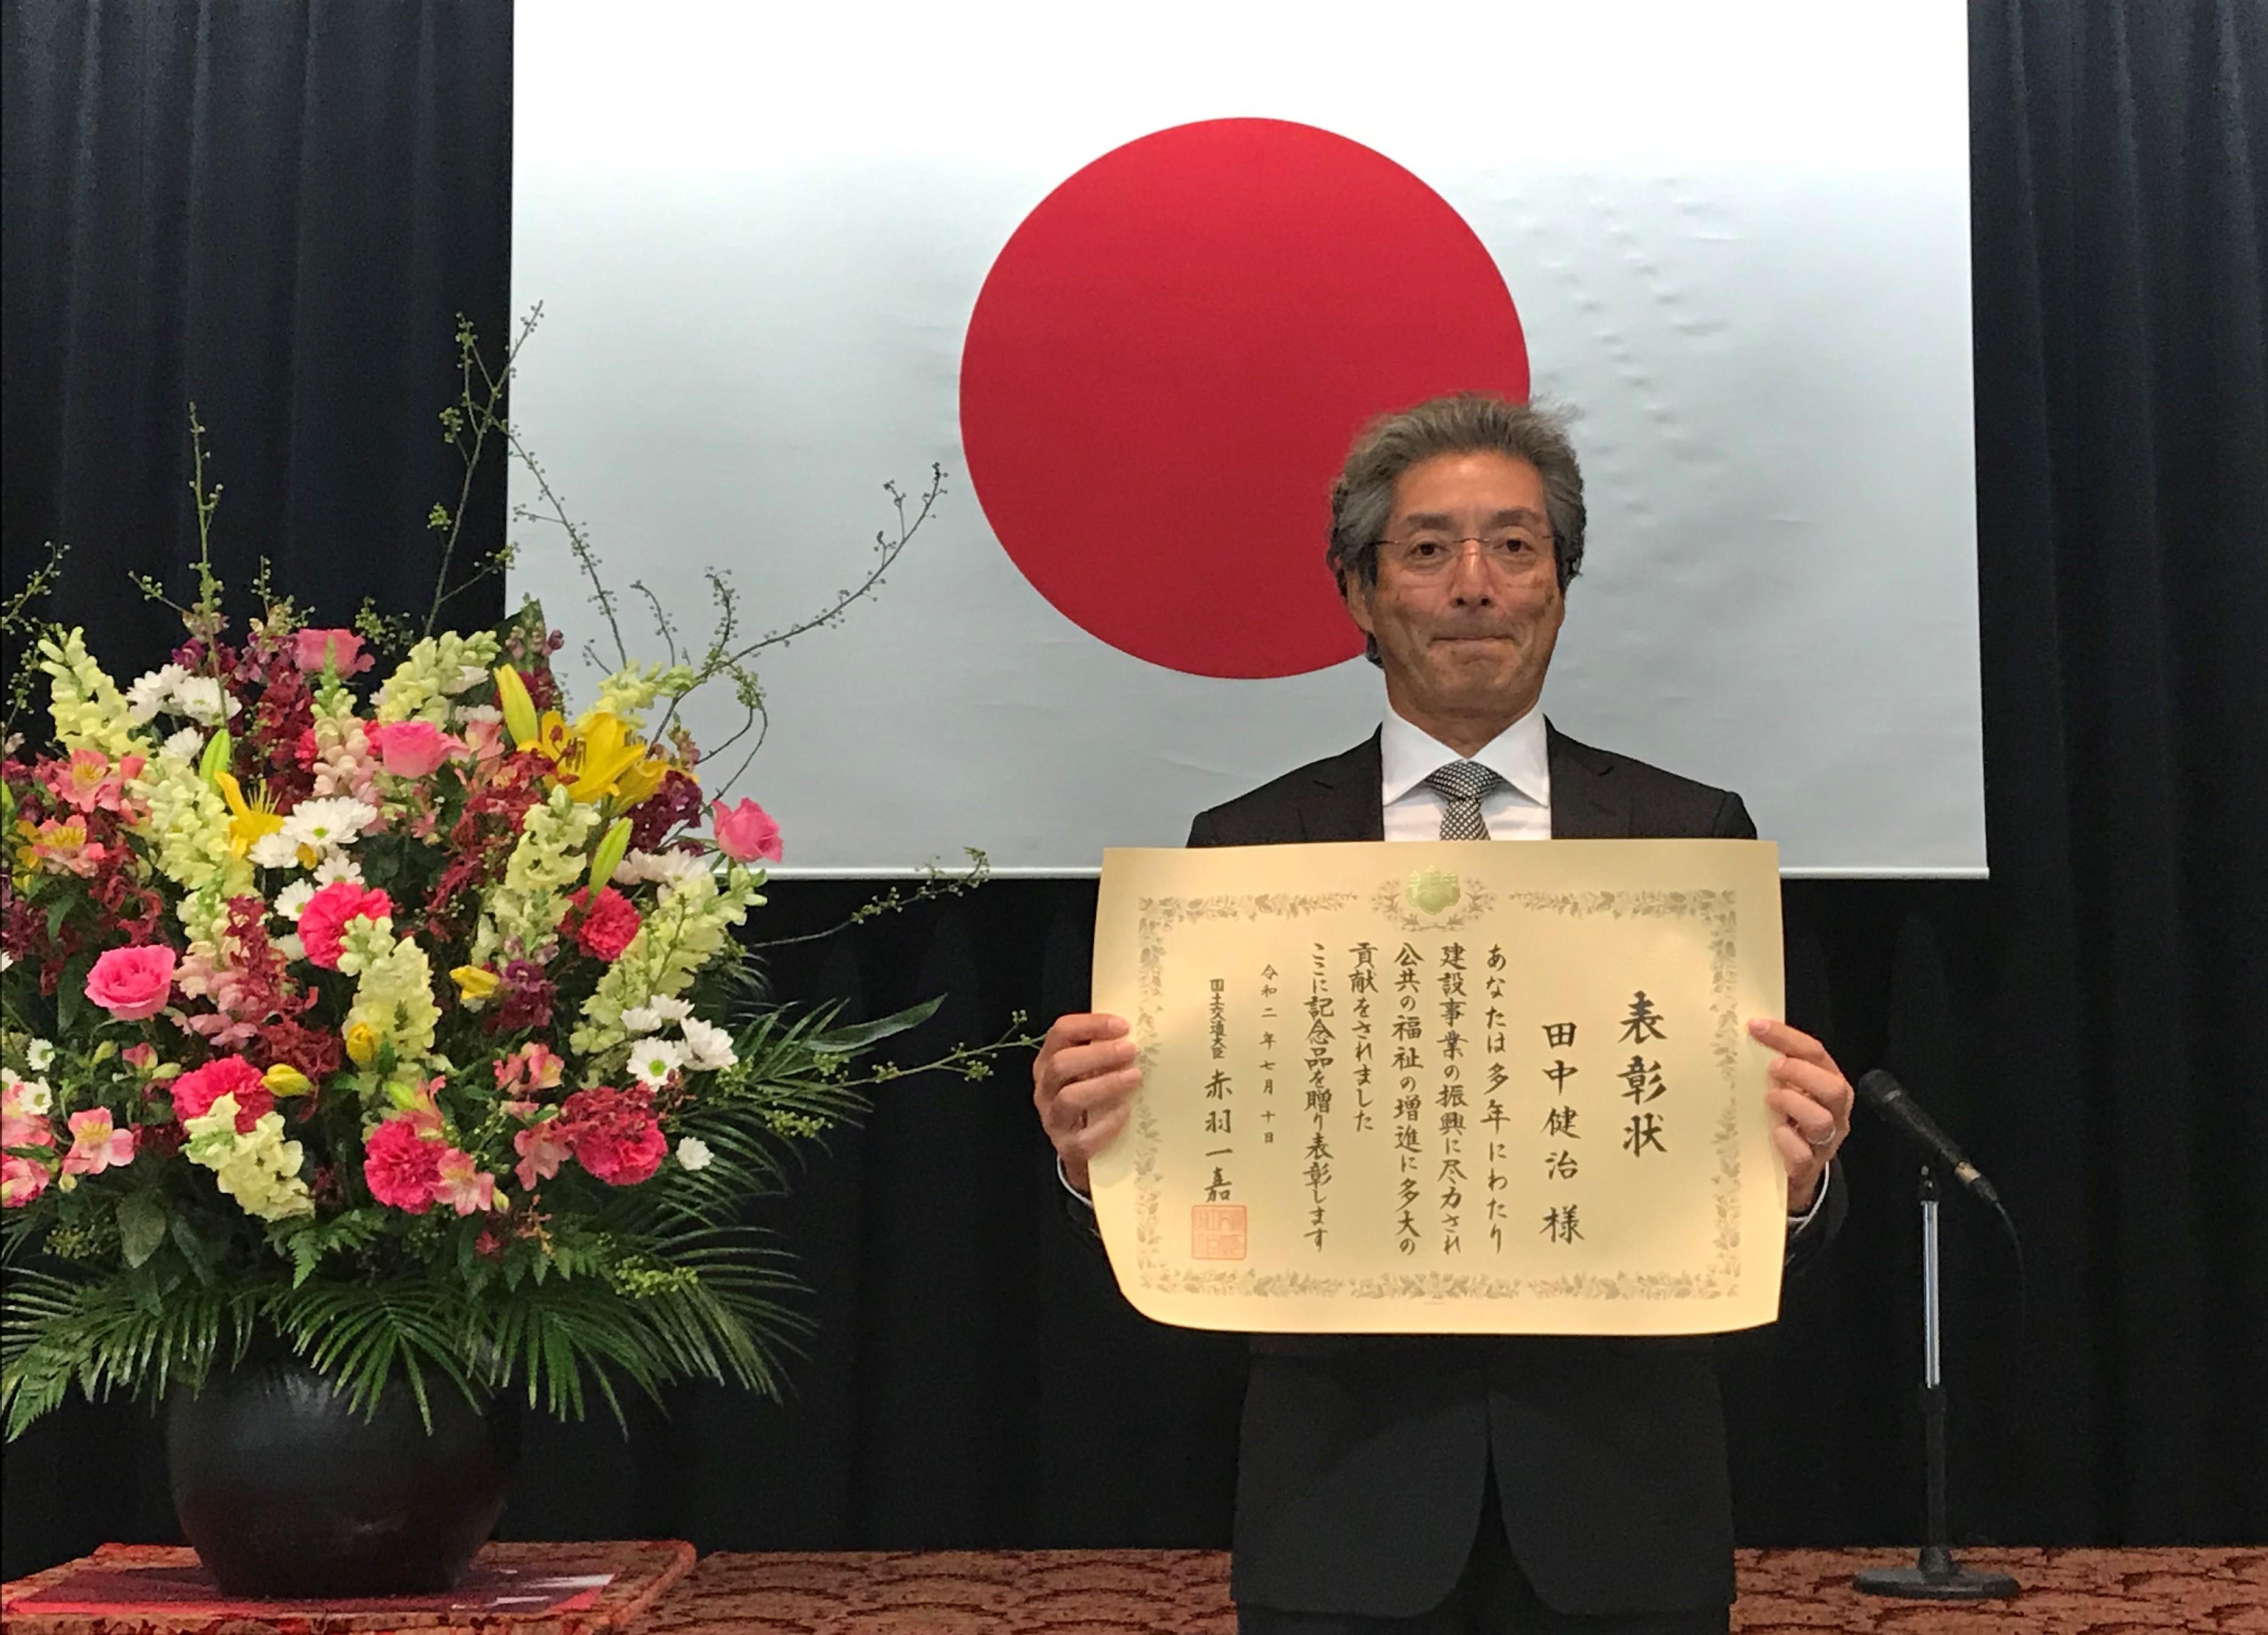 20201128 大臣表彰 田中氏